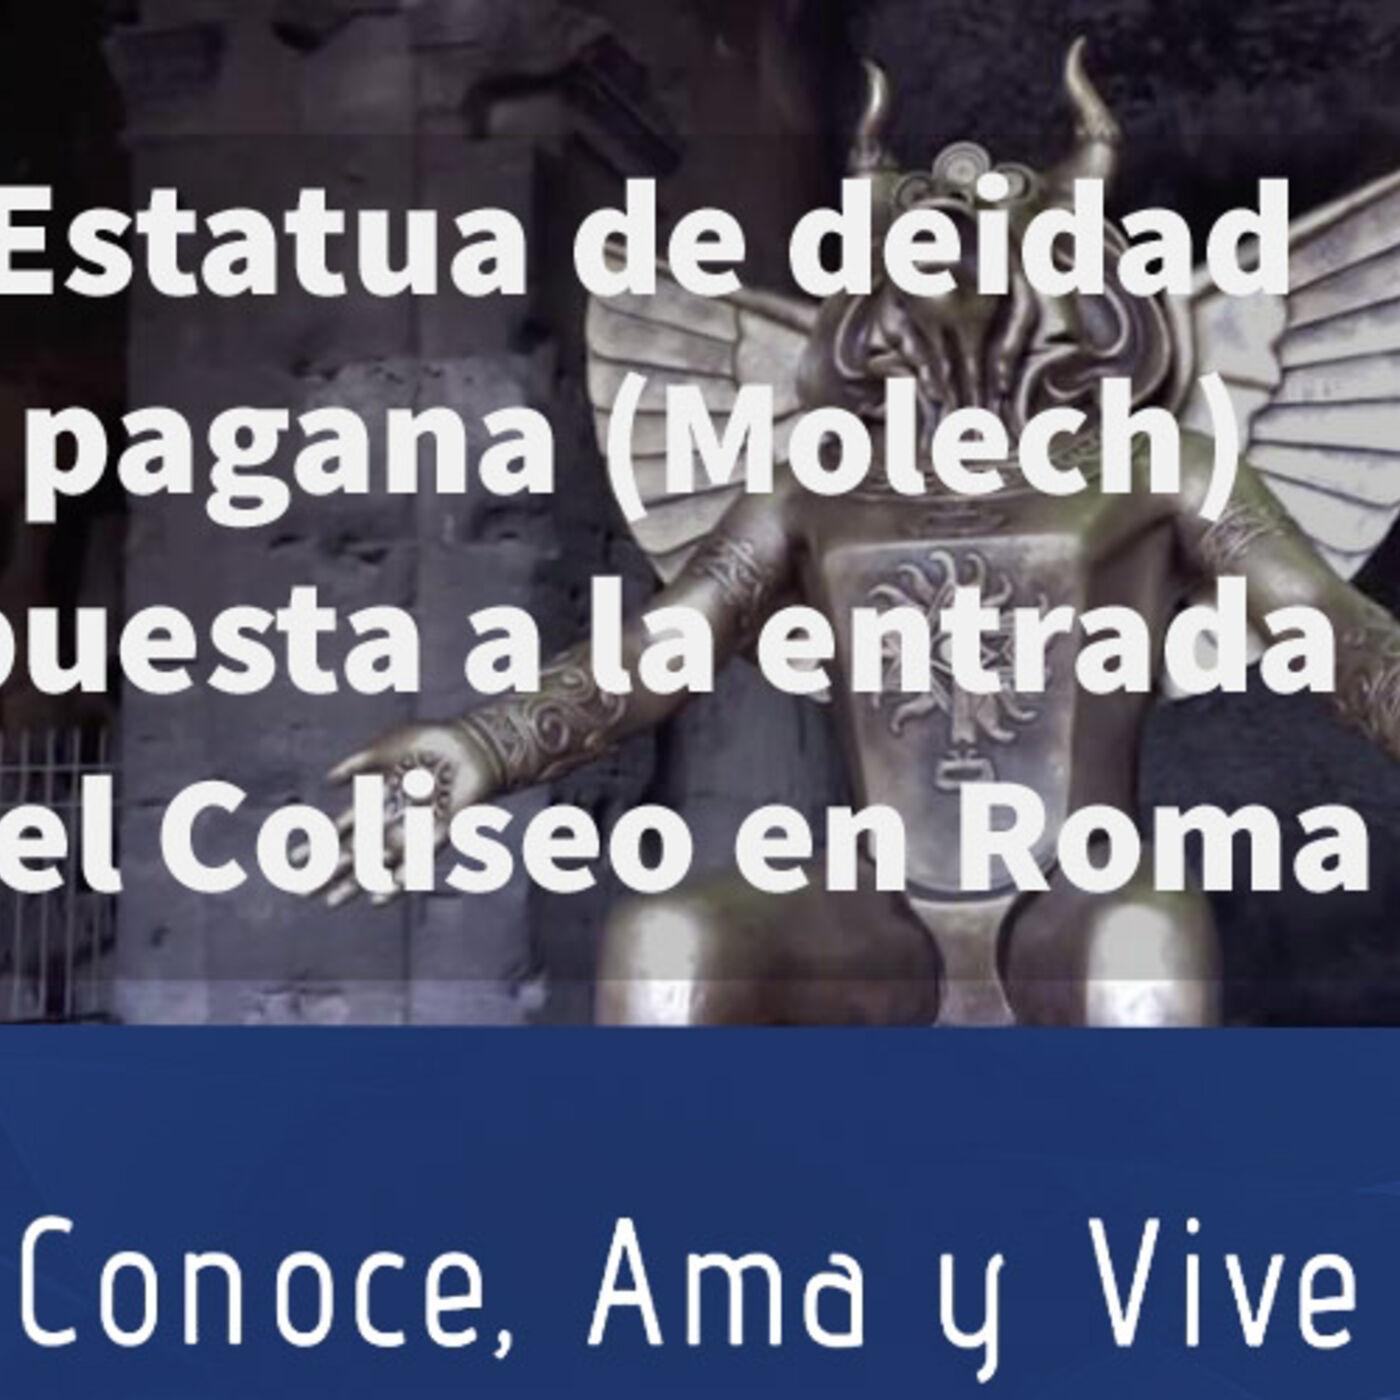 Episodio 106: 🏛 Estatua de deidad pagana Molech en el Coliseo en Roma